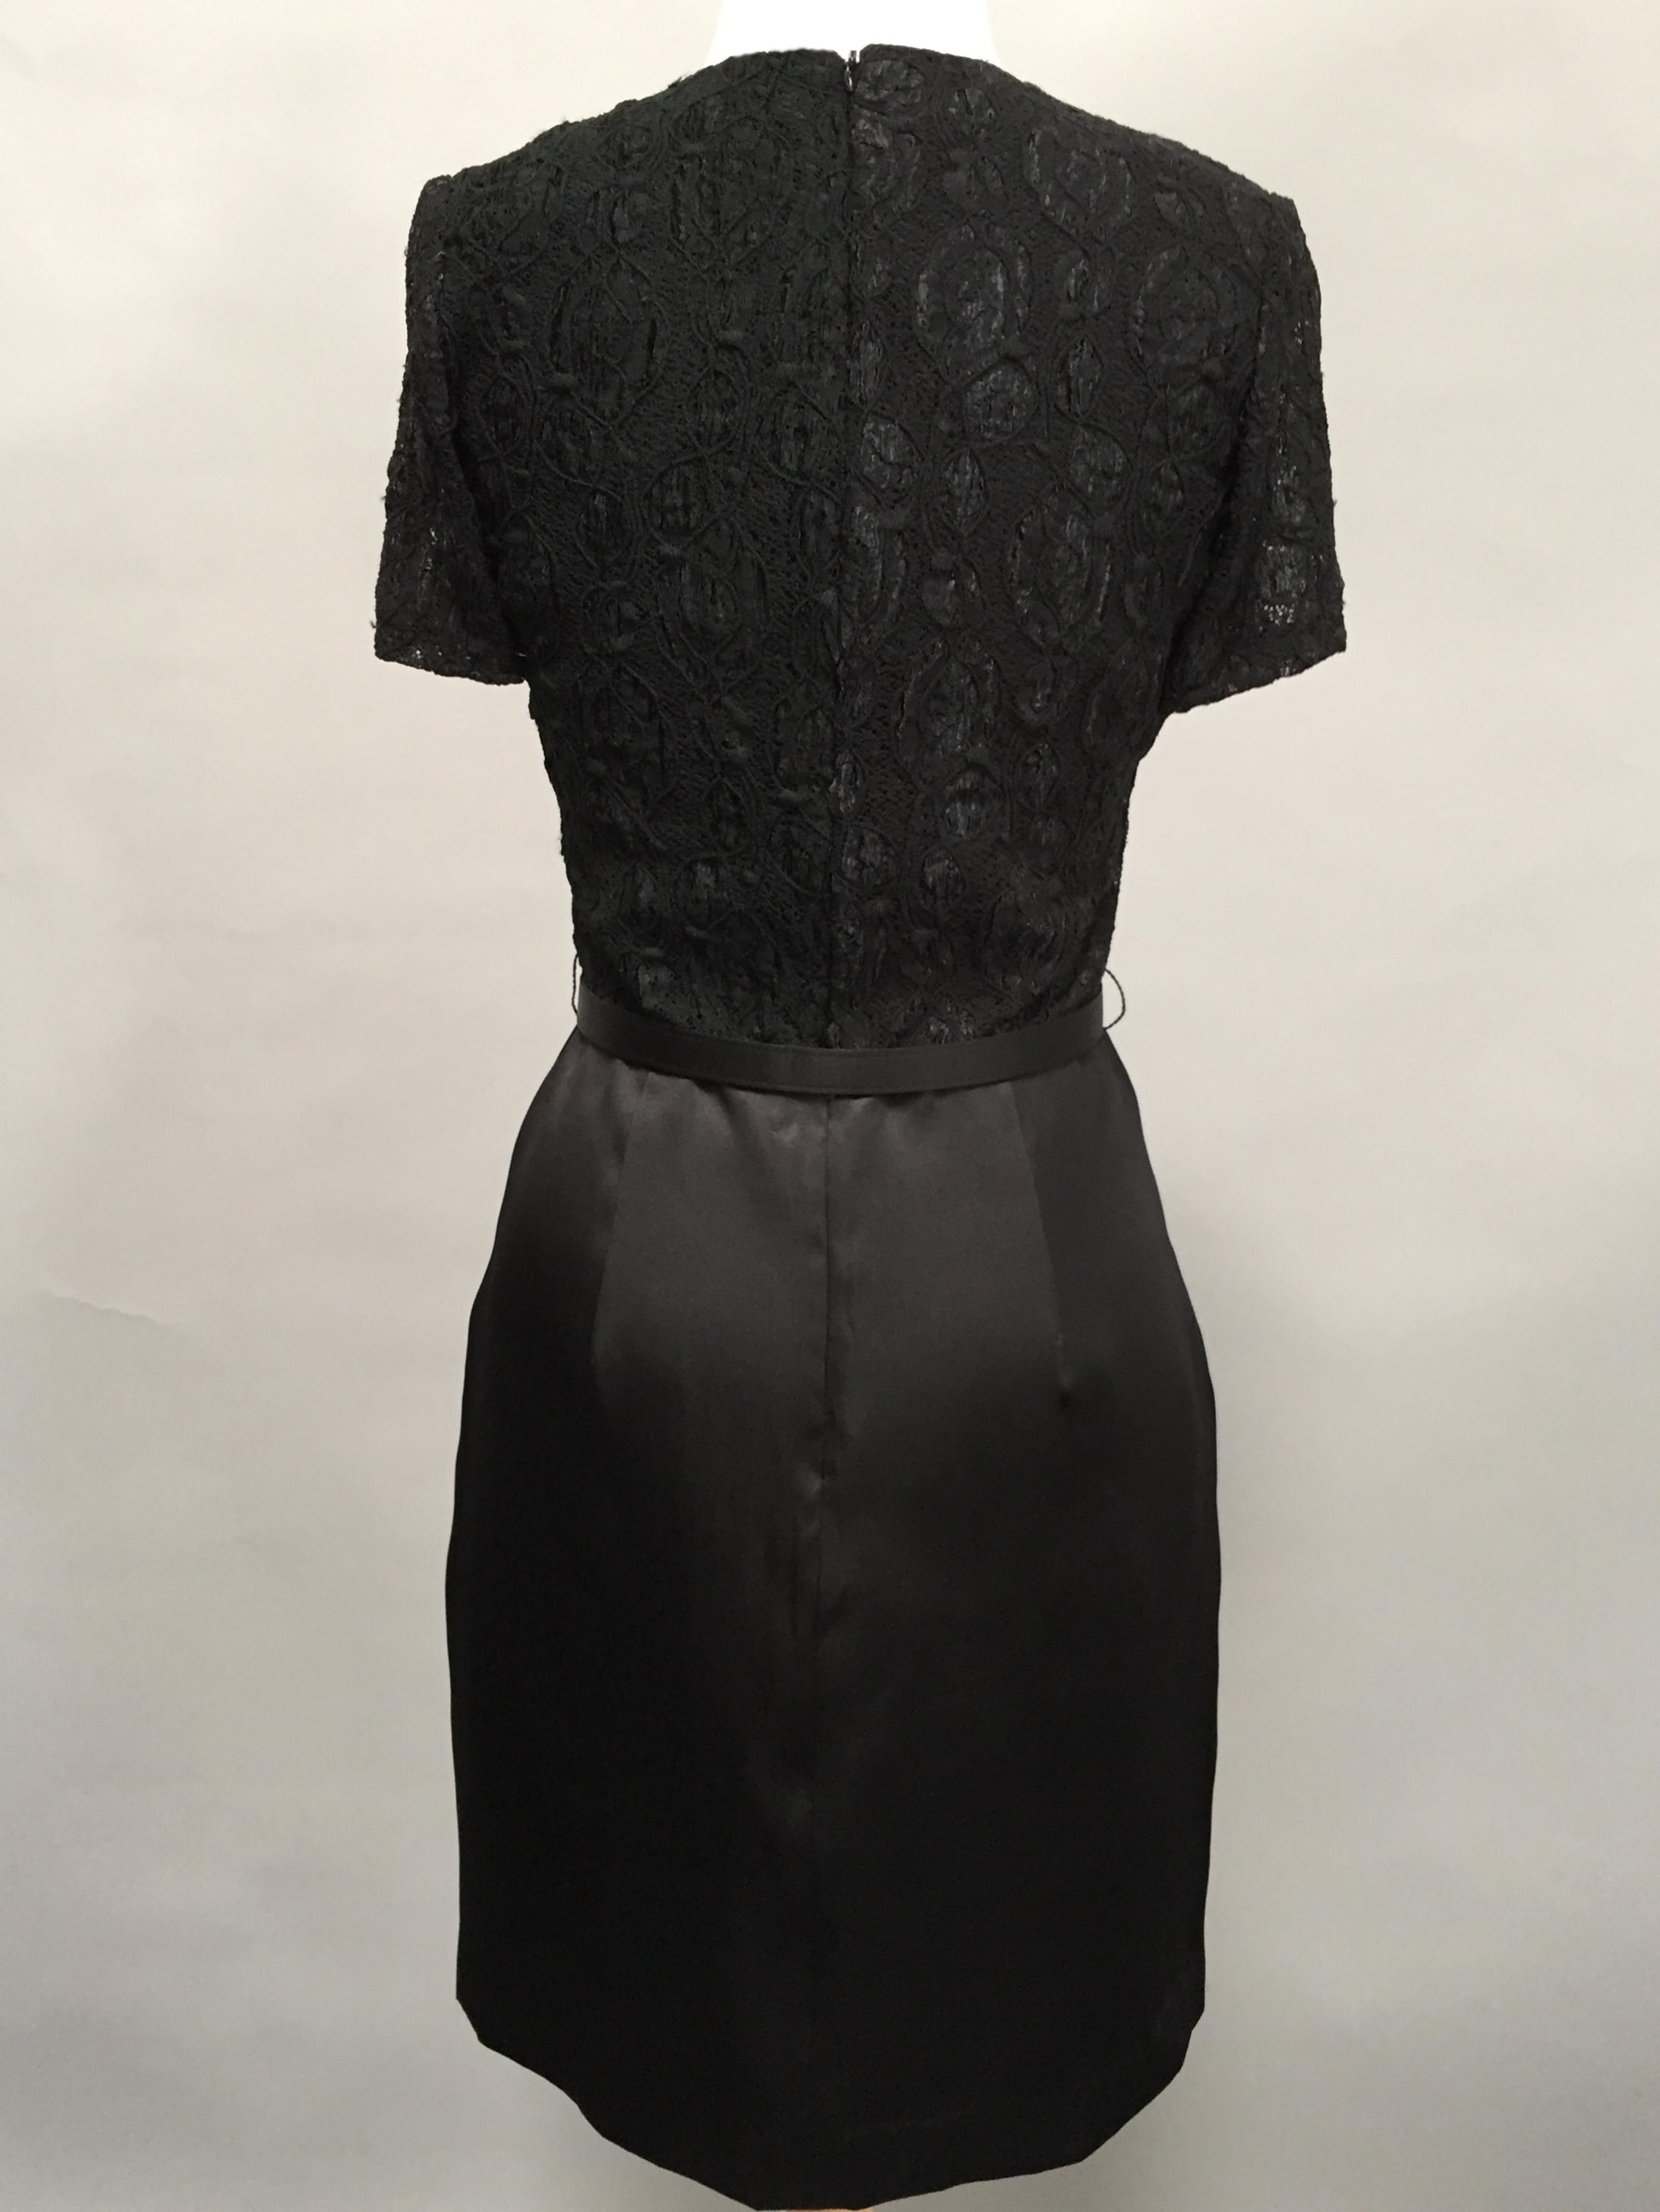 Black Dinner Dress-3642-back